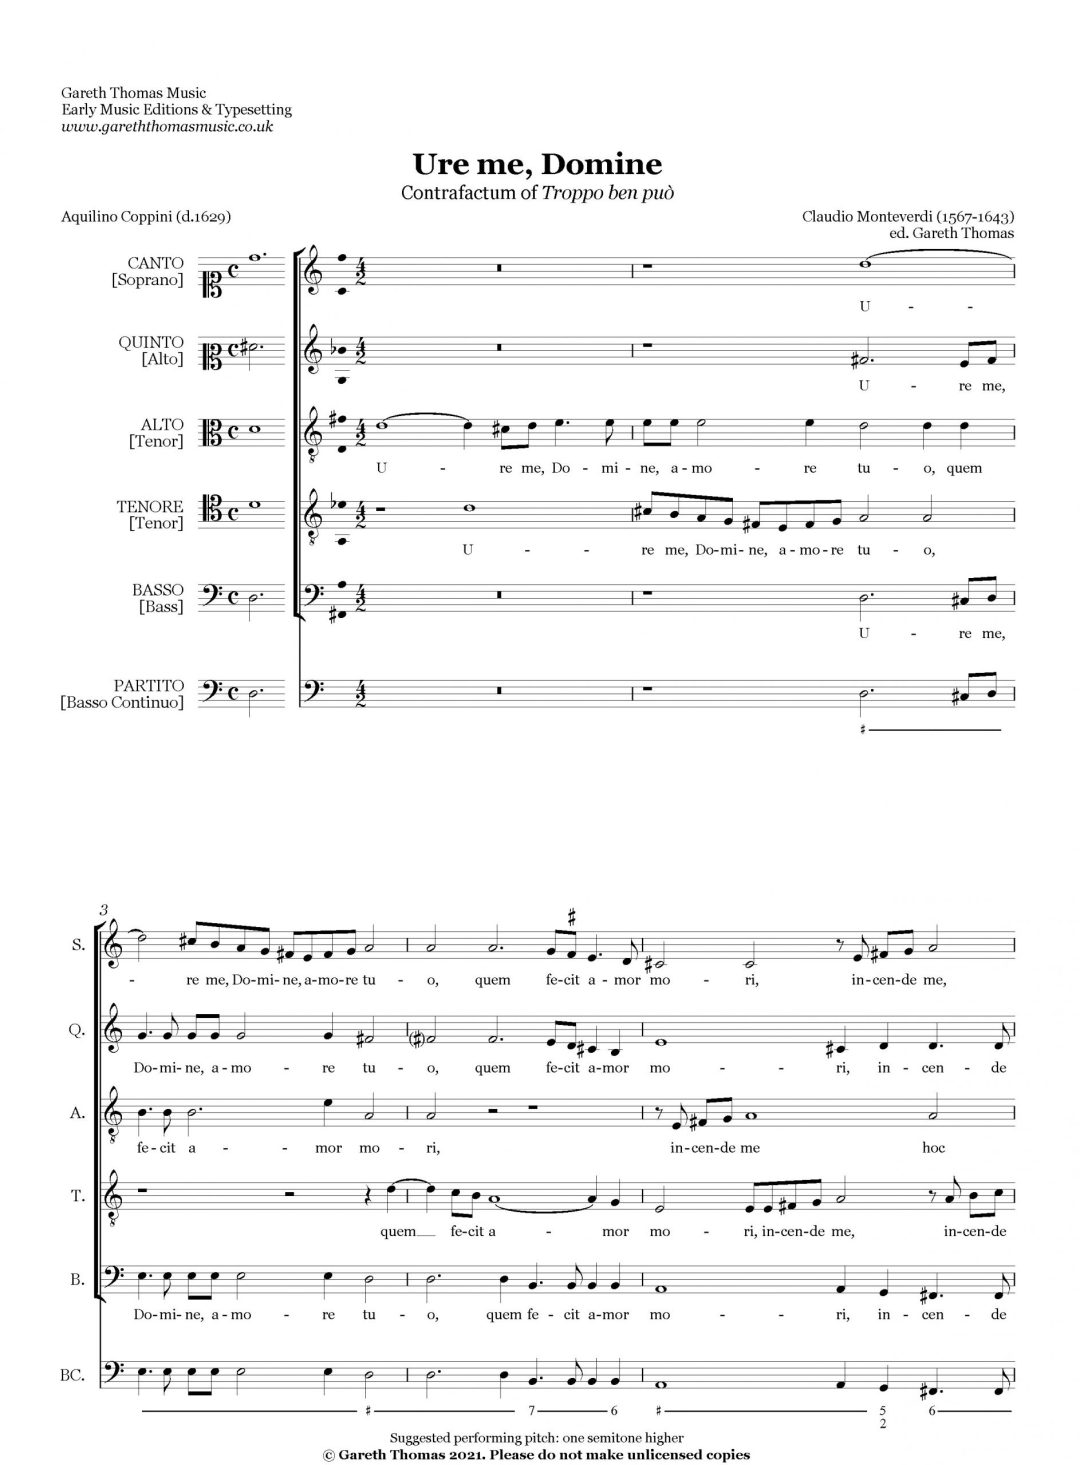 Claudio Monteverdi Ure me, Domine image